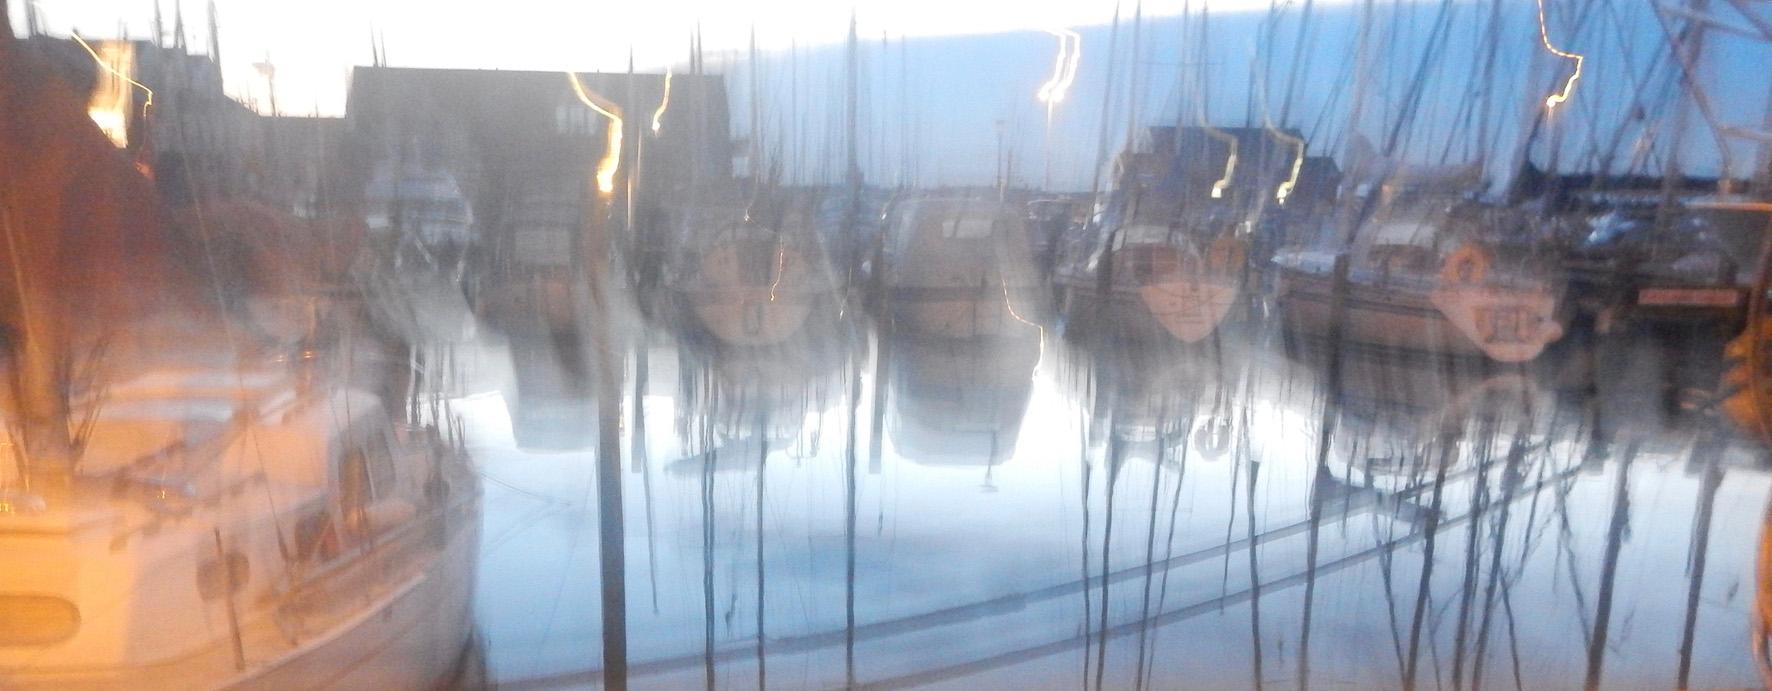 Hafen von Juelsminde in der Dämmerung verwischt